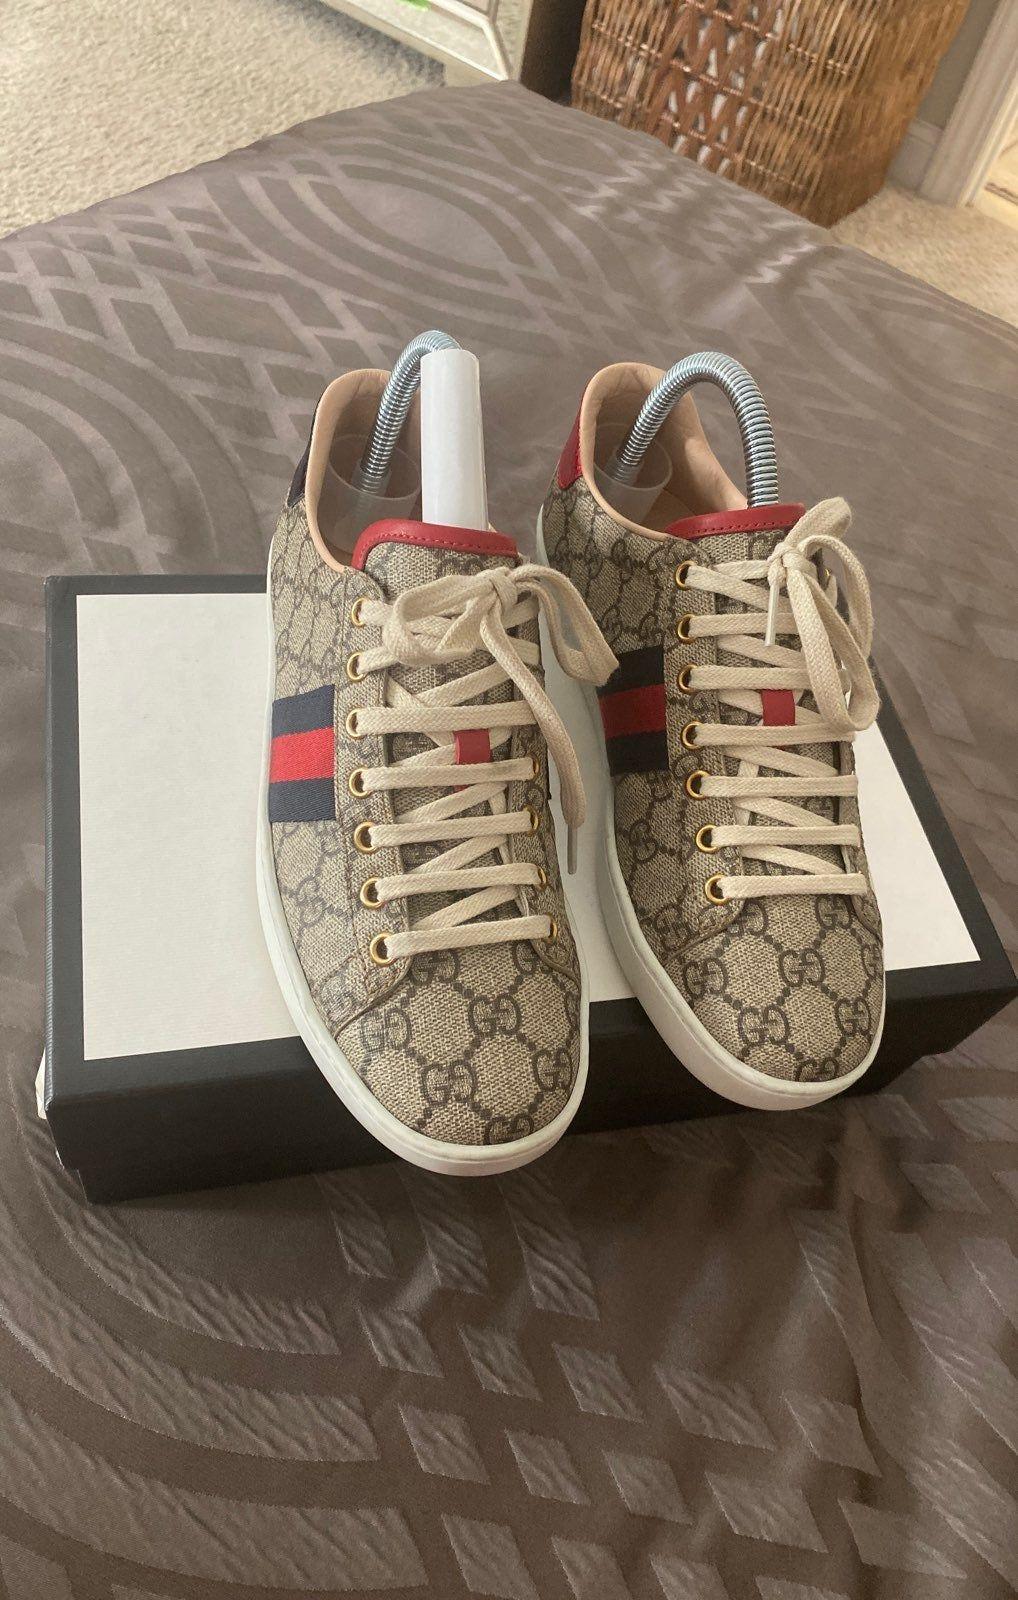 Gucci shoes, Shoes, Gucci fashion